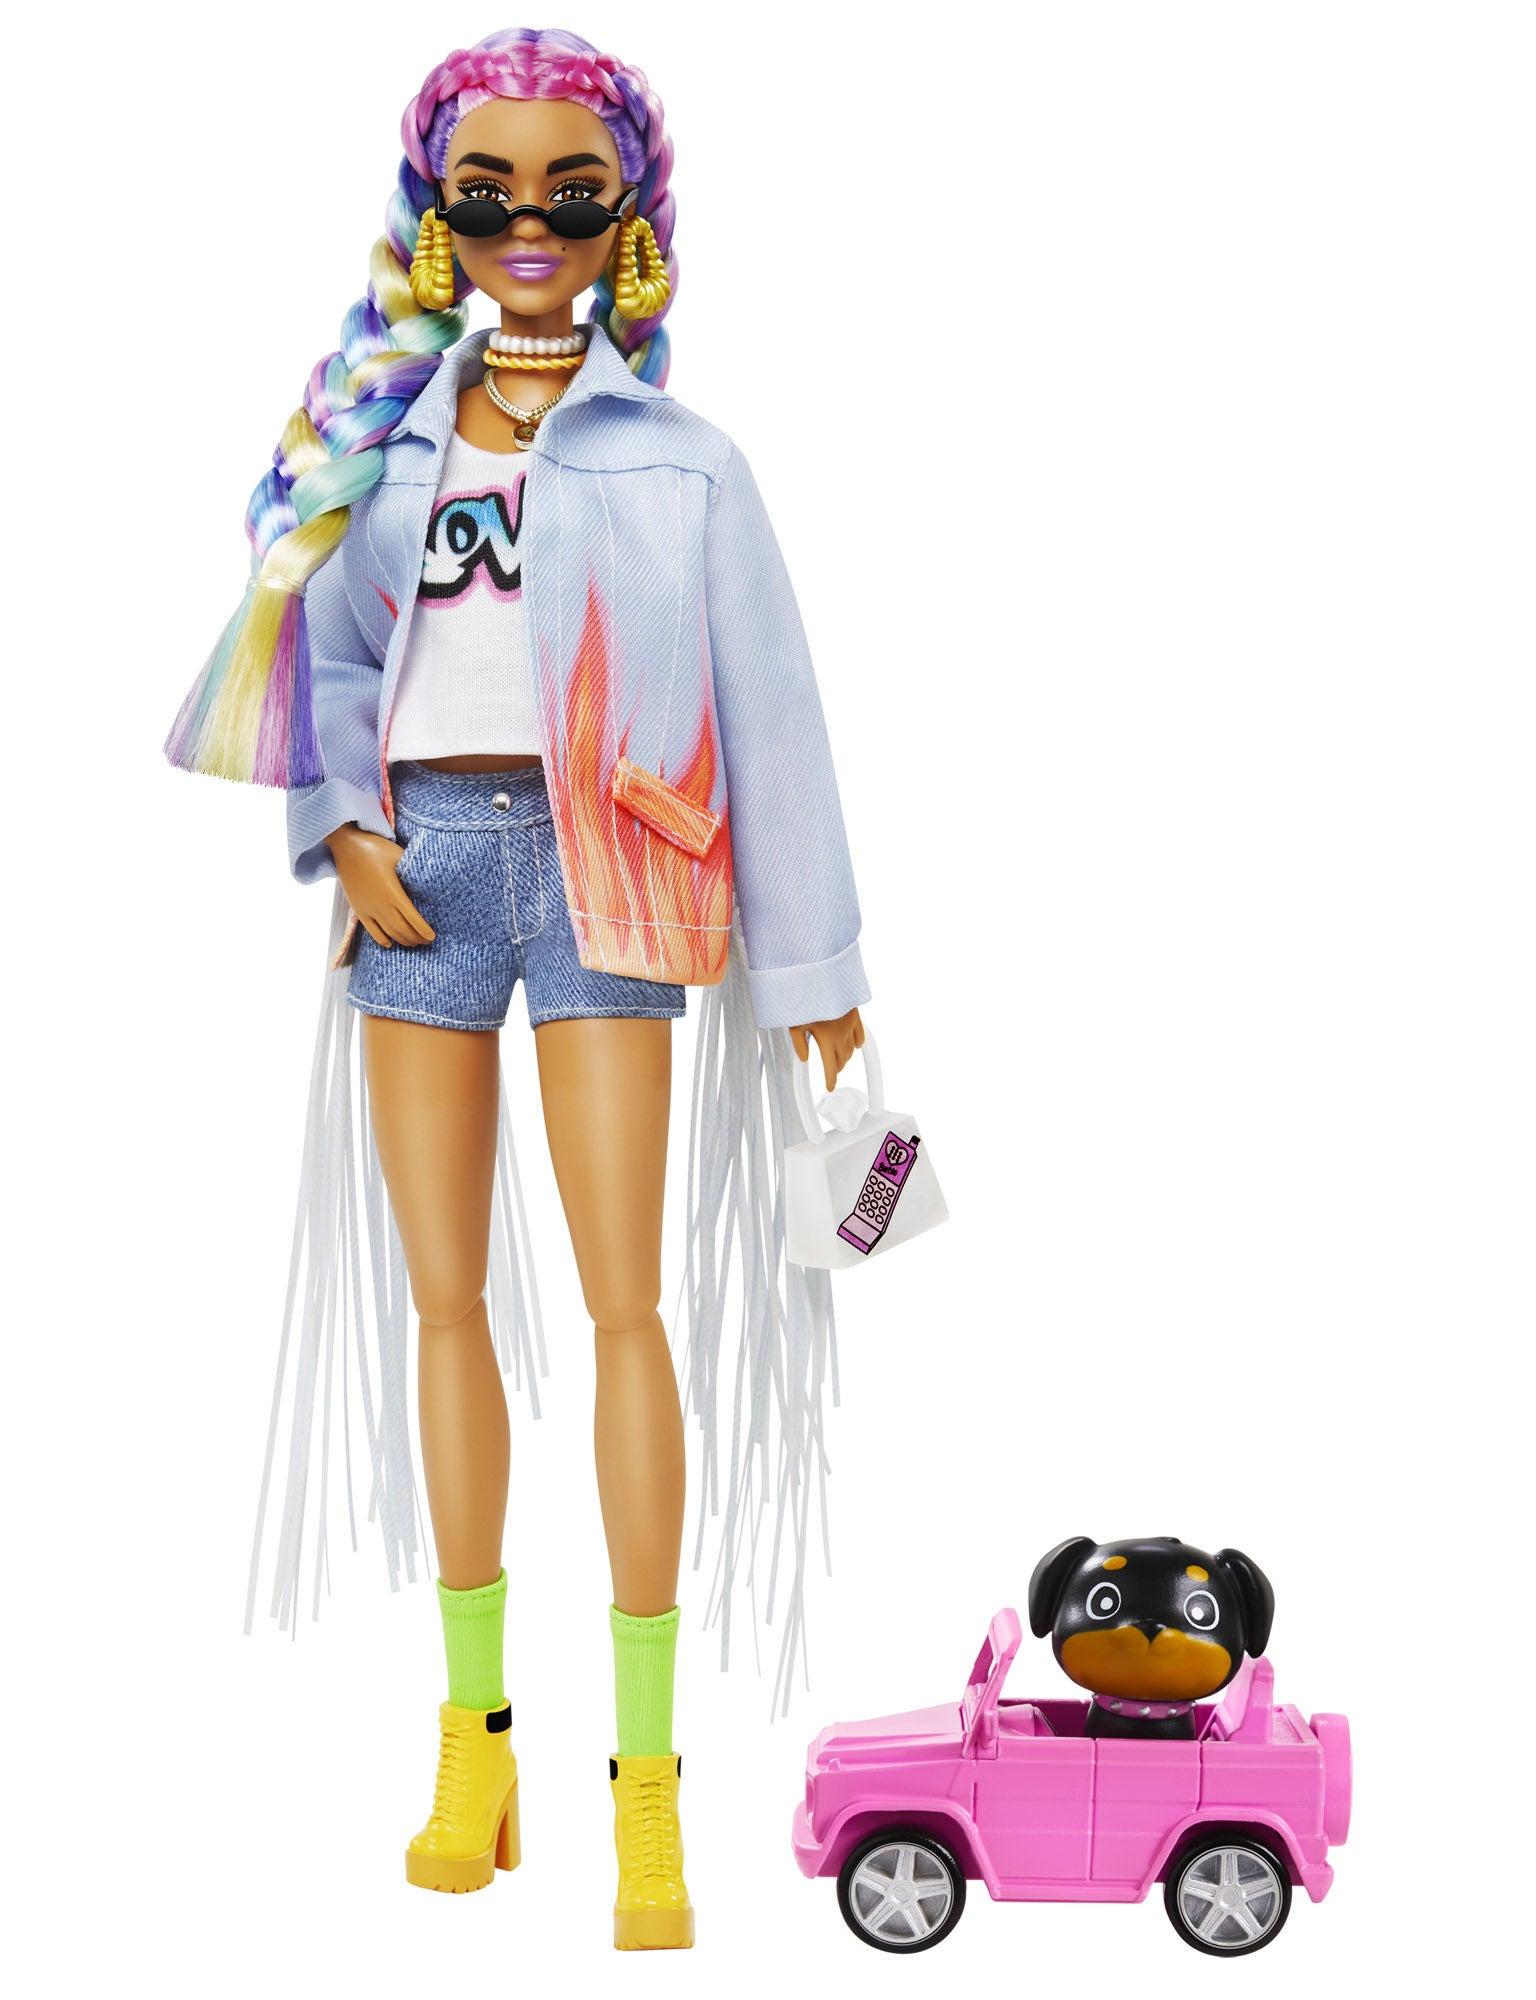 Barbie Extra Doll Rainbow Braids Docka